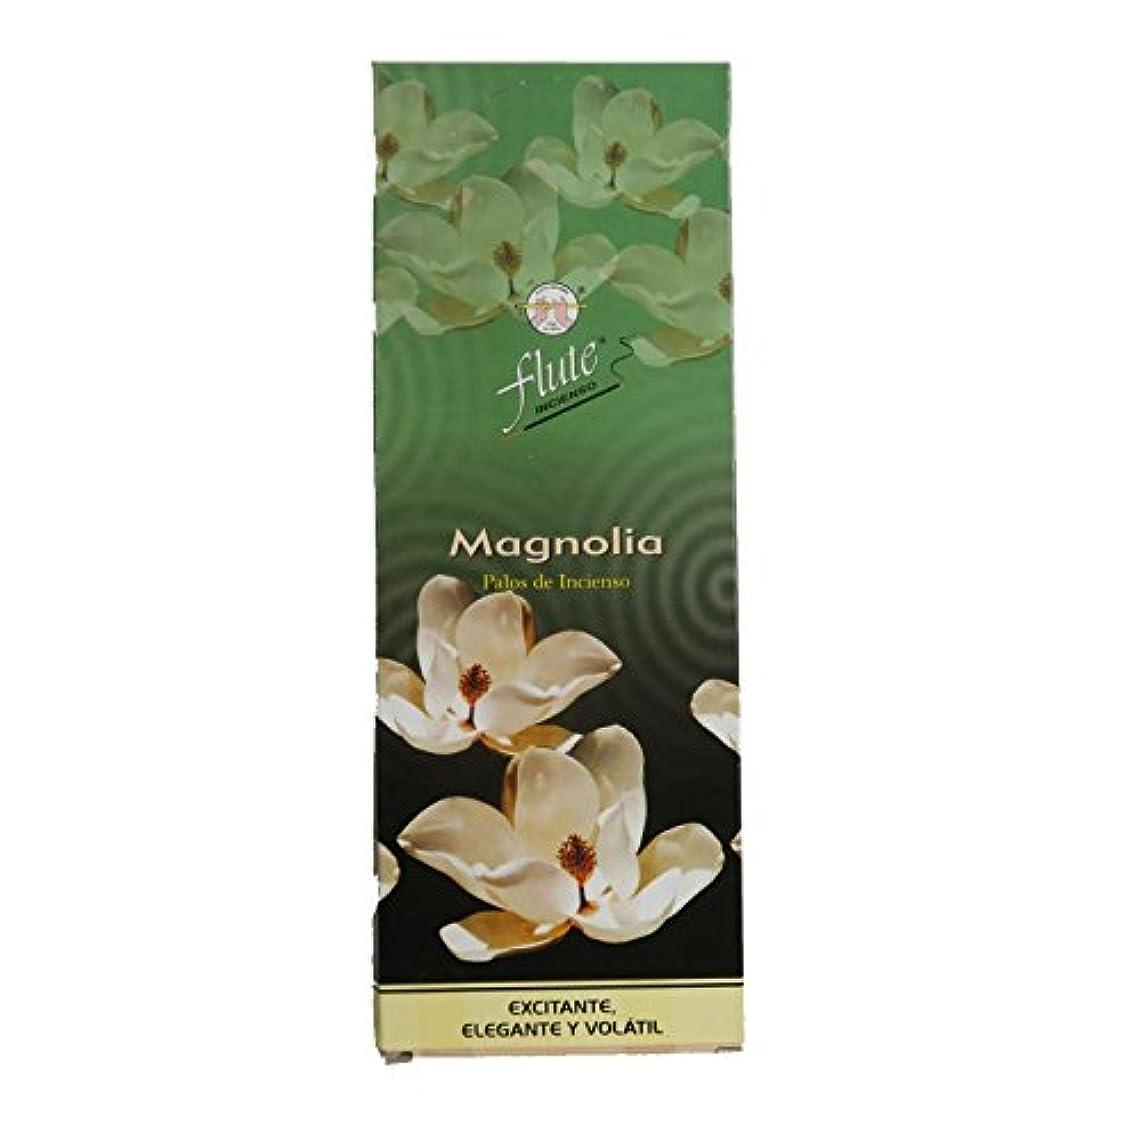 手配するドール部分flute社 スティック型インドお香 Magnolia 6箱セット